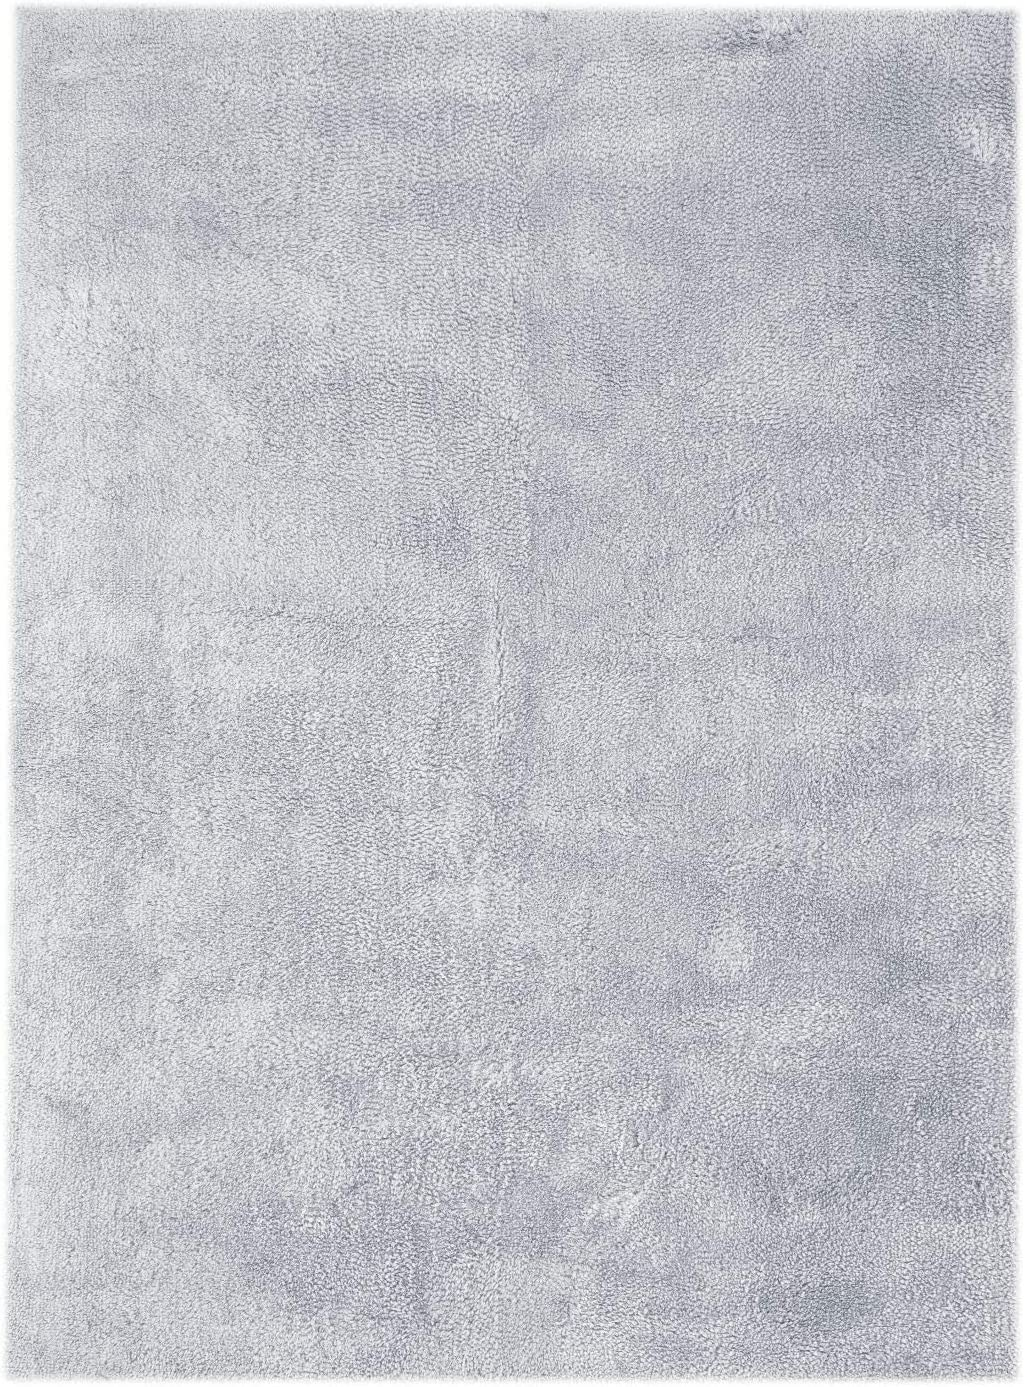 Grau | bef/üllbare Desinfektionsmatte mit Alurahmen 48x68cm etm/® Fu/ßmatte Hygienic-Mat reinigt und desinfiziert Schuhsohlen